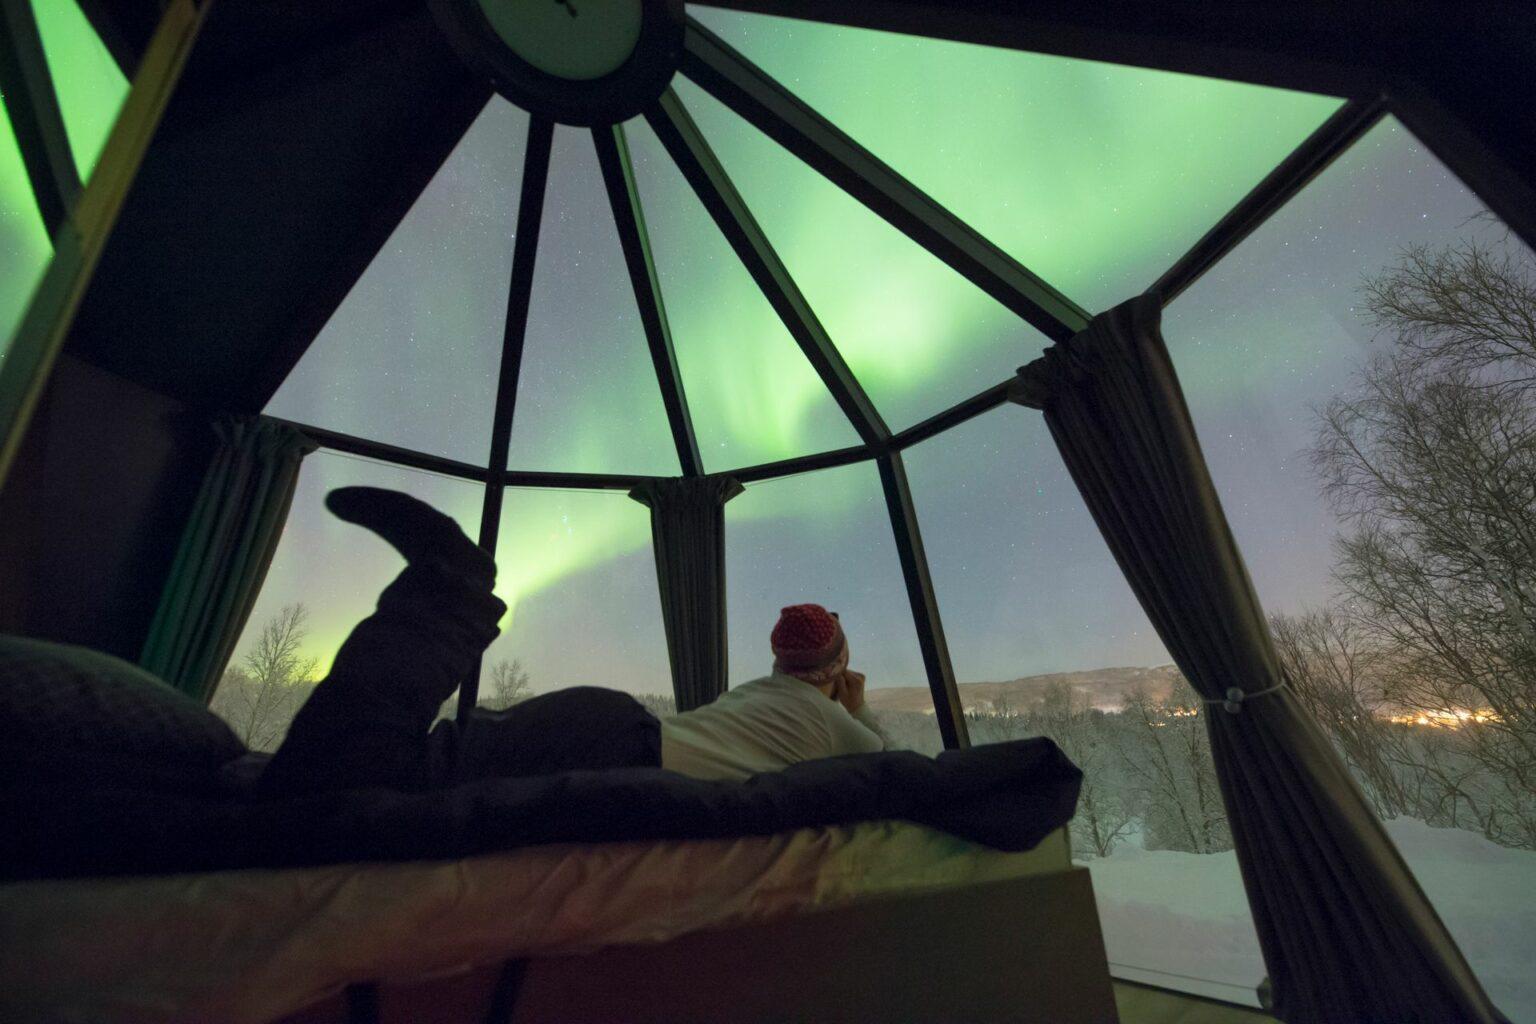 Aurorahut view